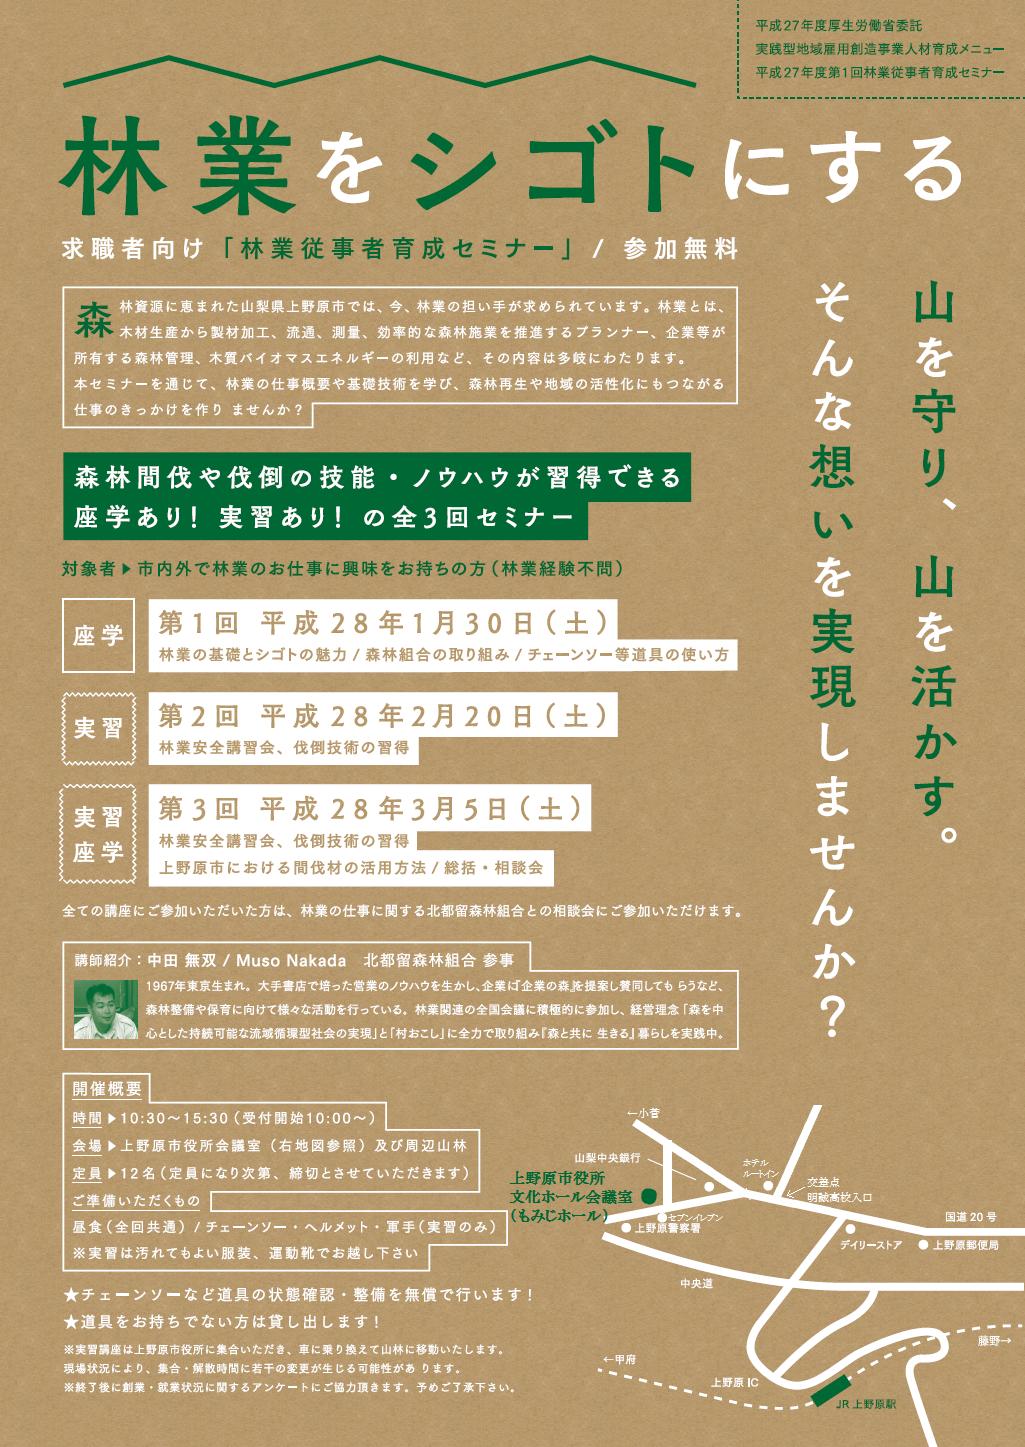 林業セミナー表